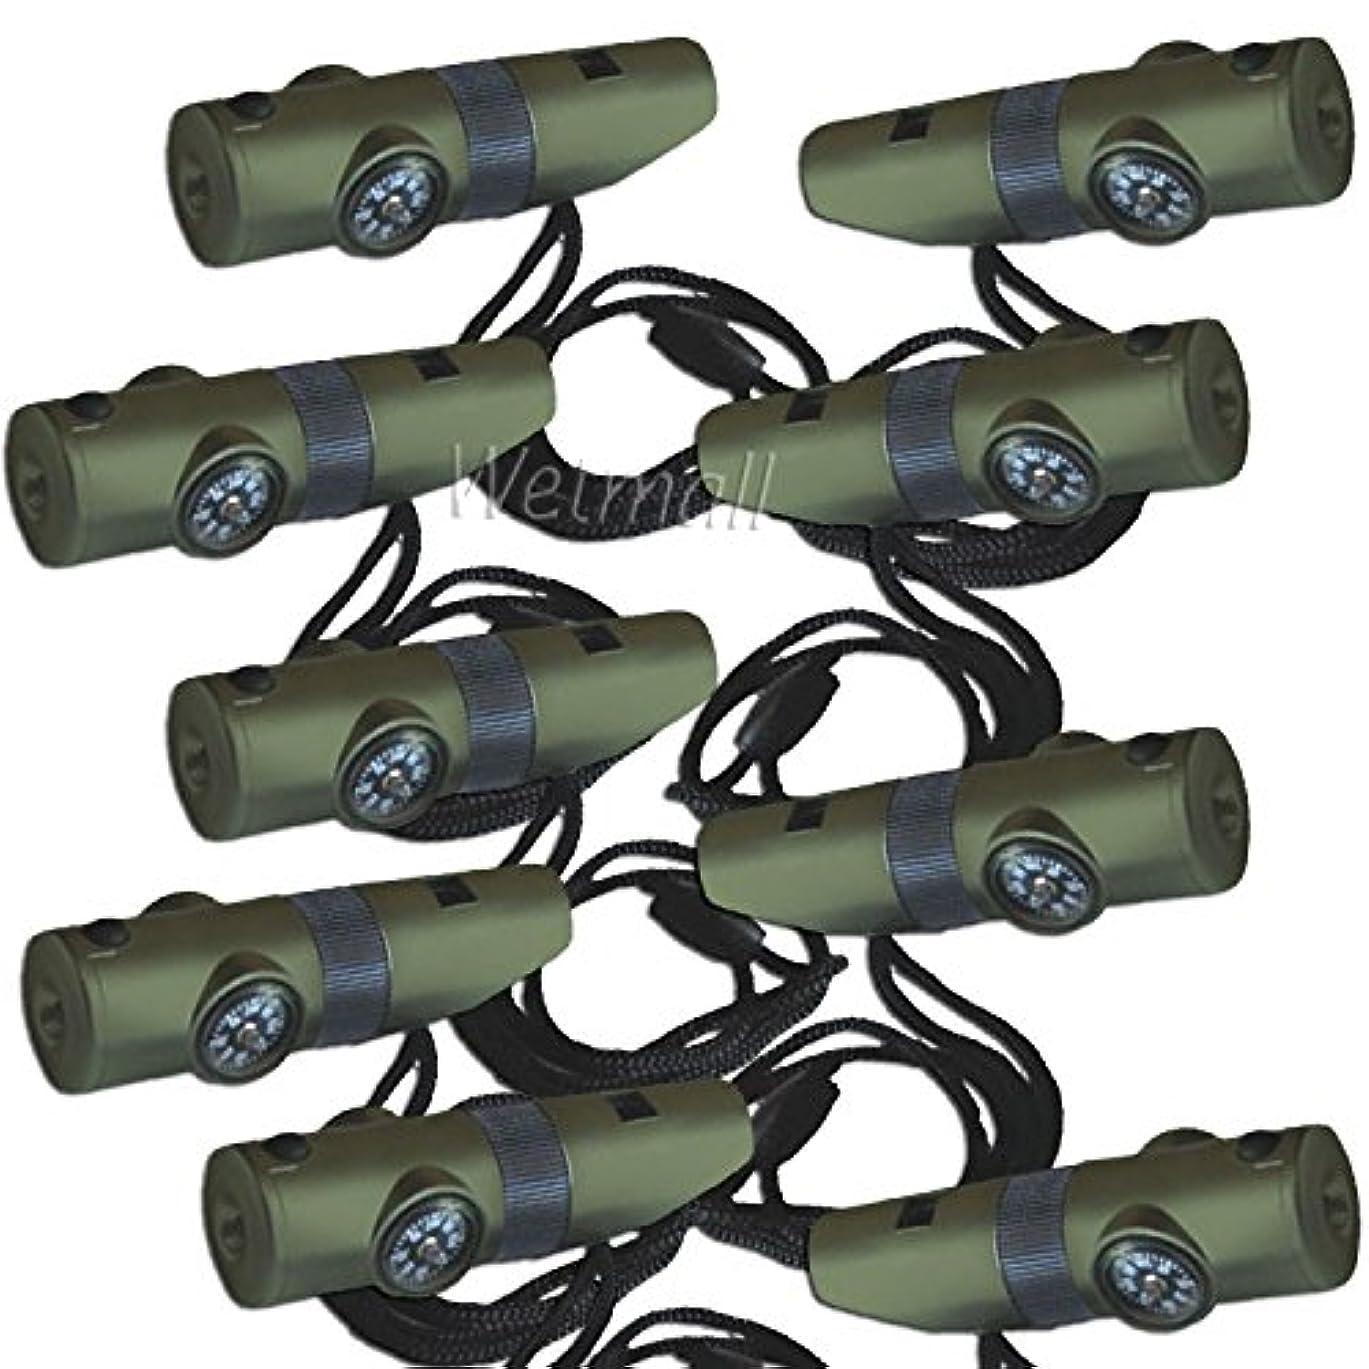 犯罪安心病気の9パック7 in 1 Militaryスタイルサバイバルキット緊急ホイッスルコンパス – LEDライト